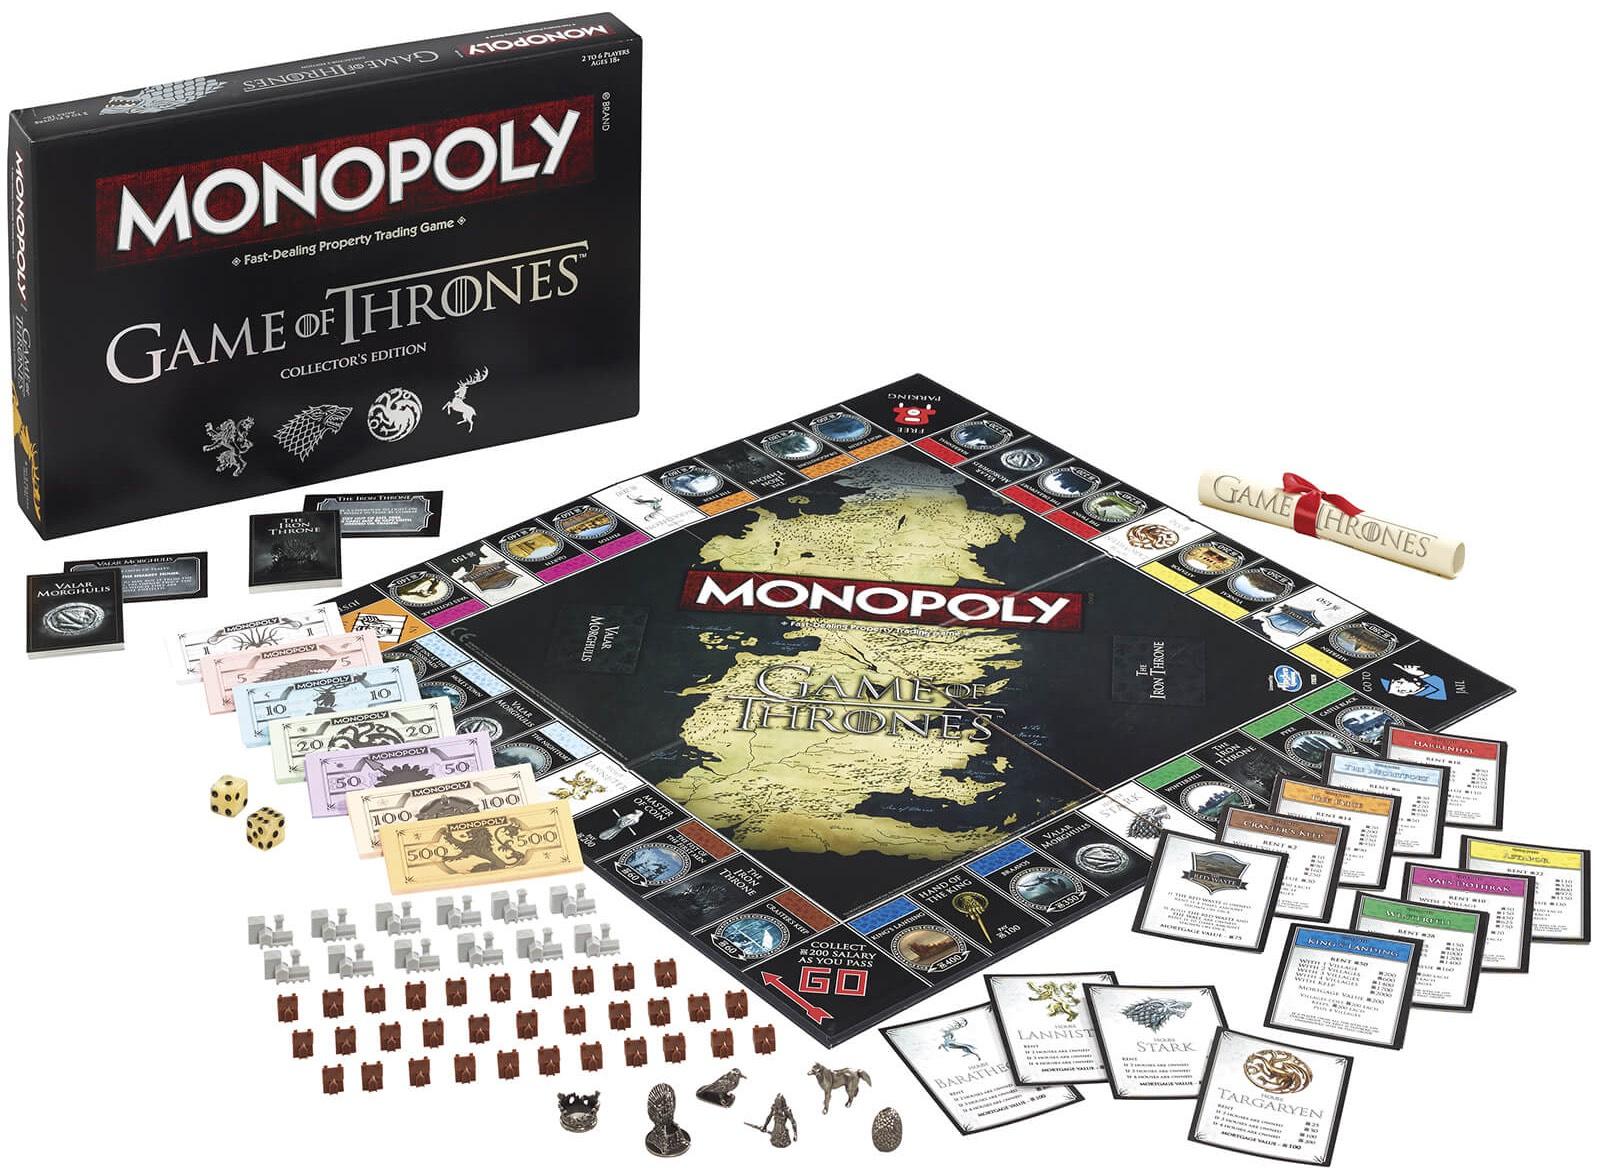 Monopoly Game of Thrones Edition für 17,70€ inkl. Versand [Englisch]